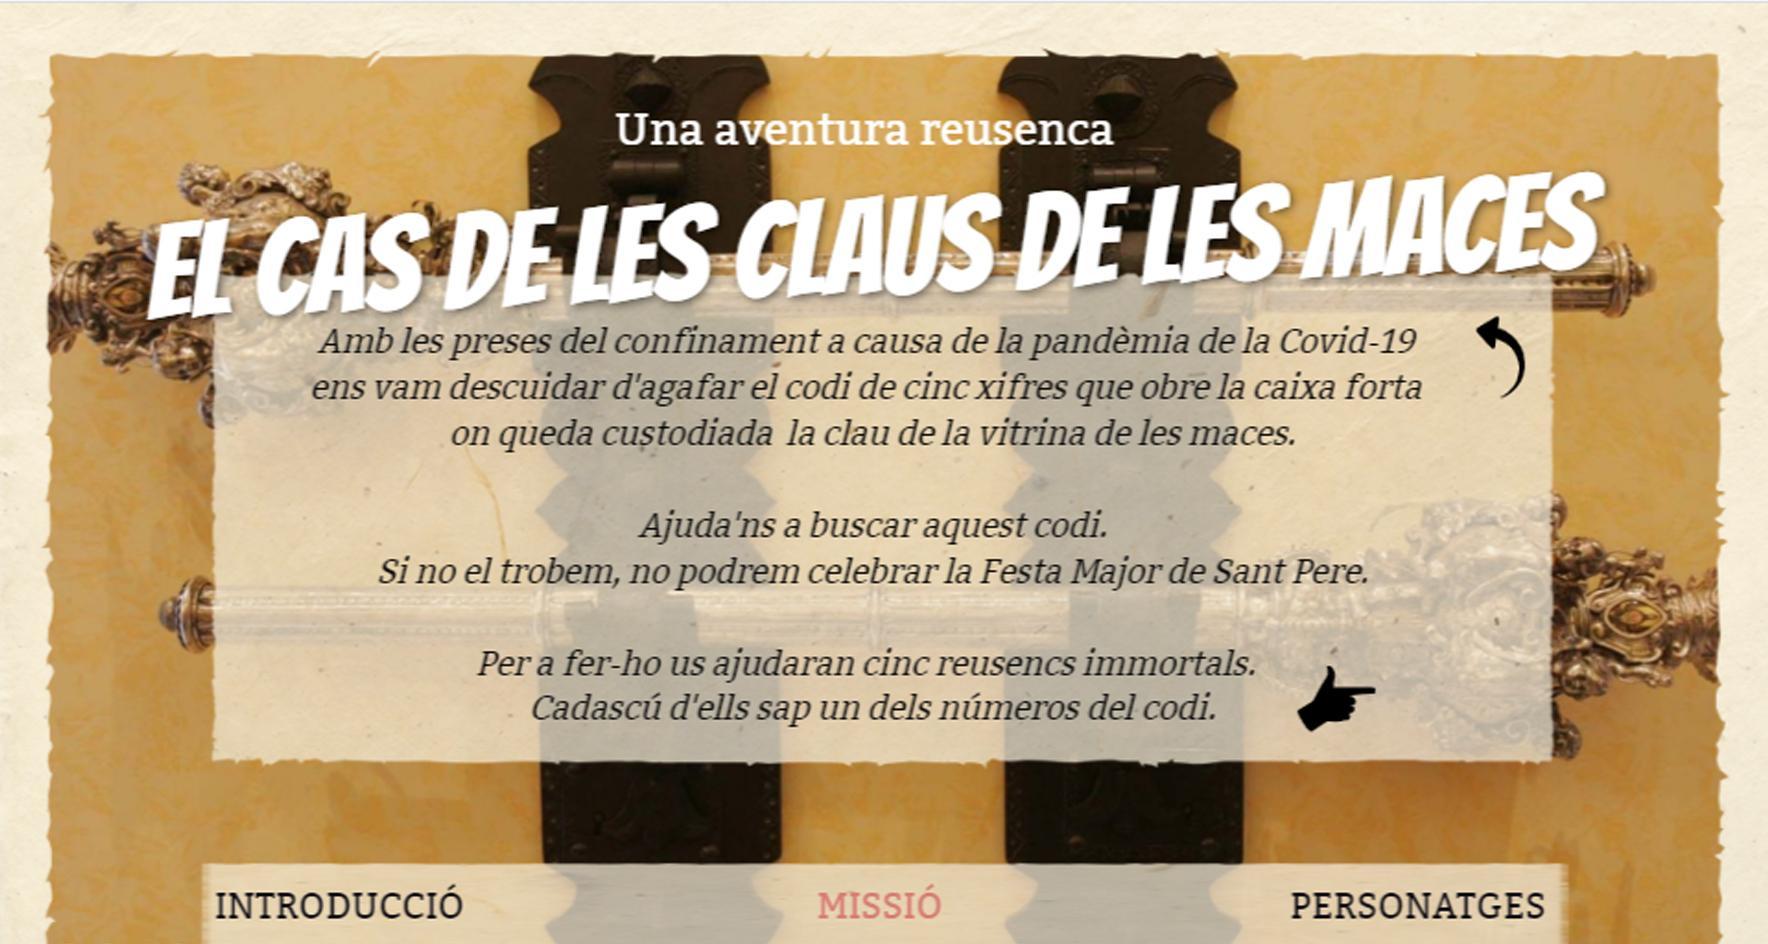 Museu de Reus: Joc en línia - Aventura reusenca